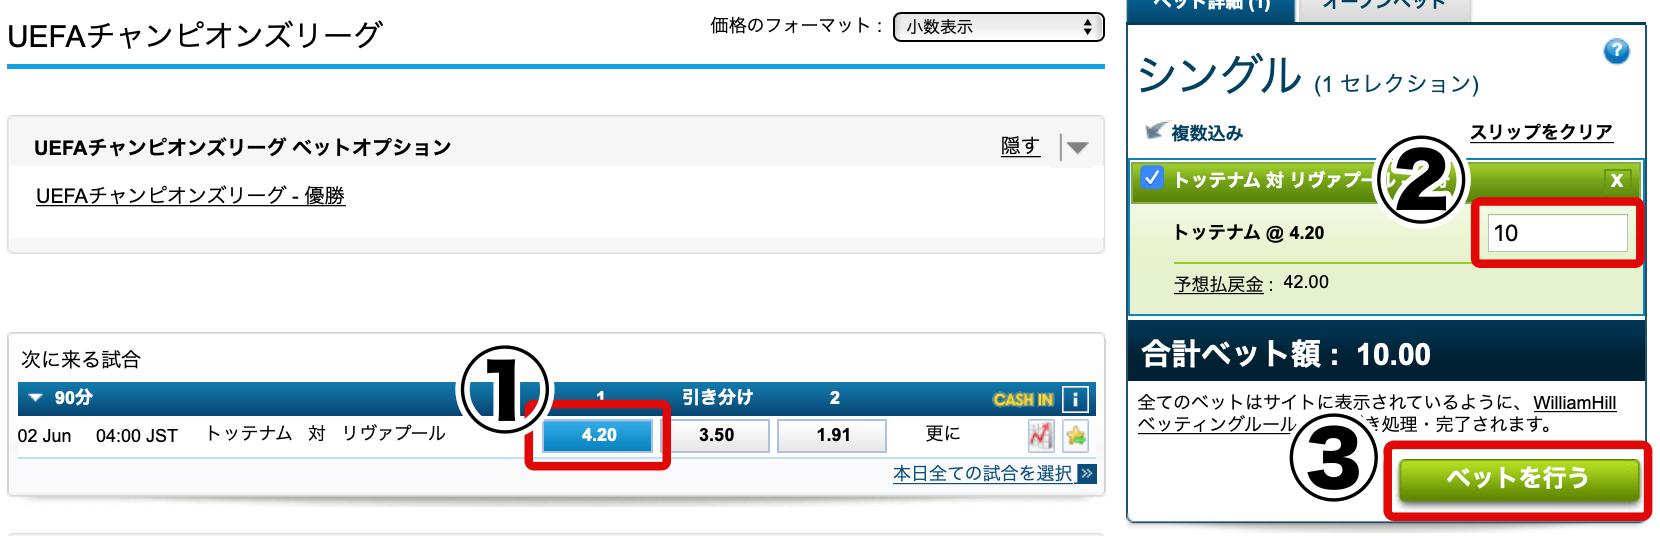 CL・チャンピオンズリーグ賭け方